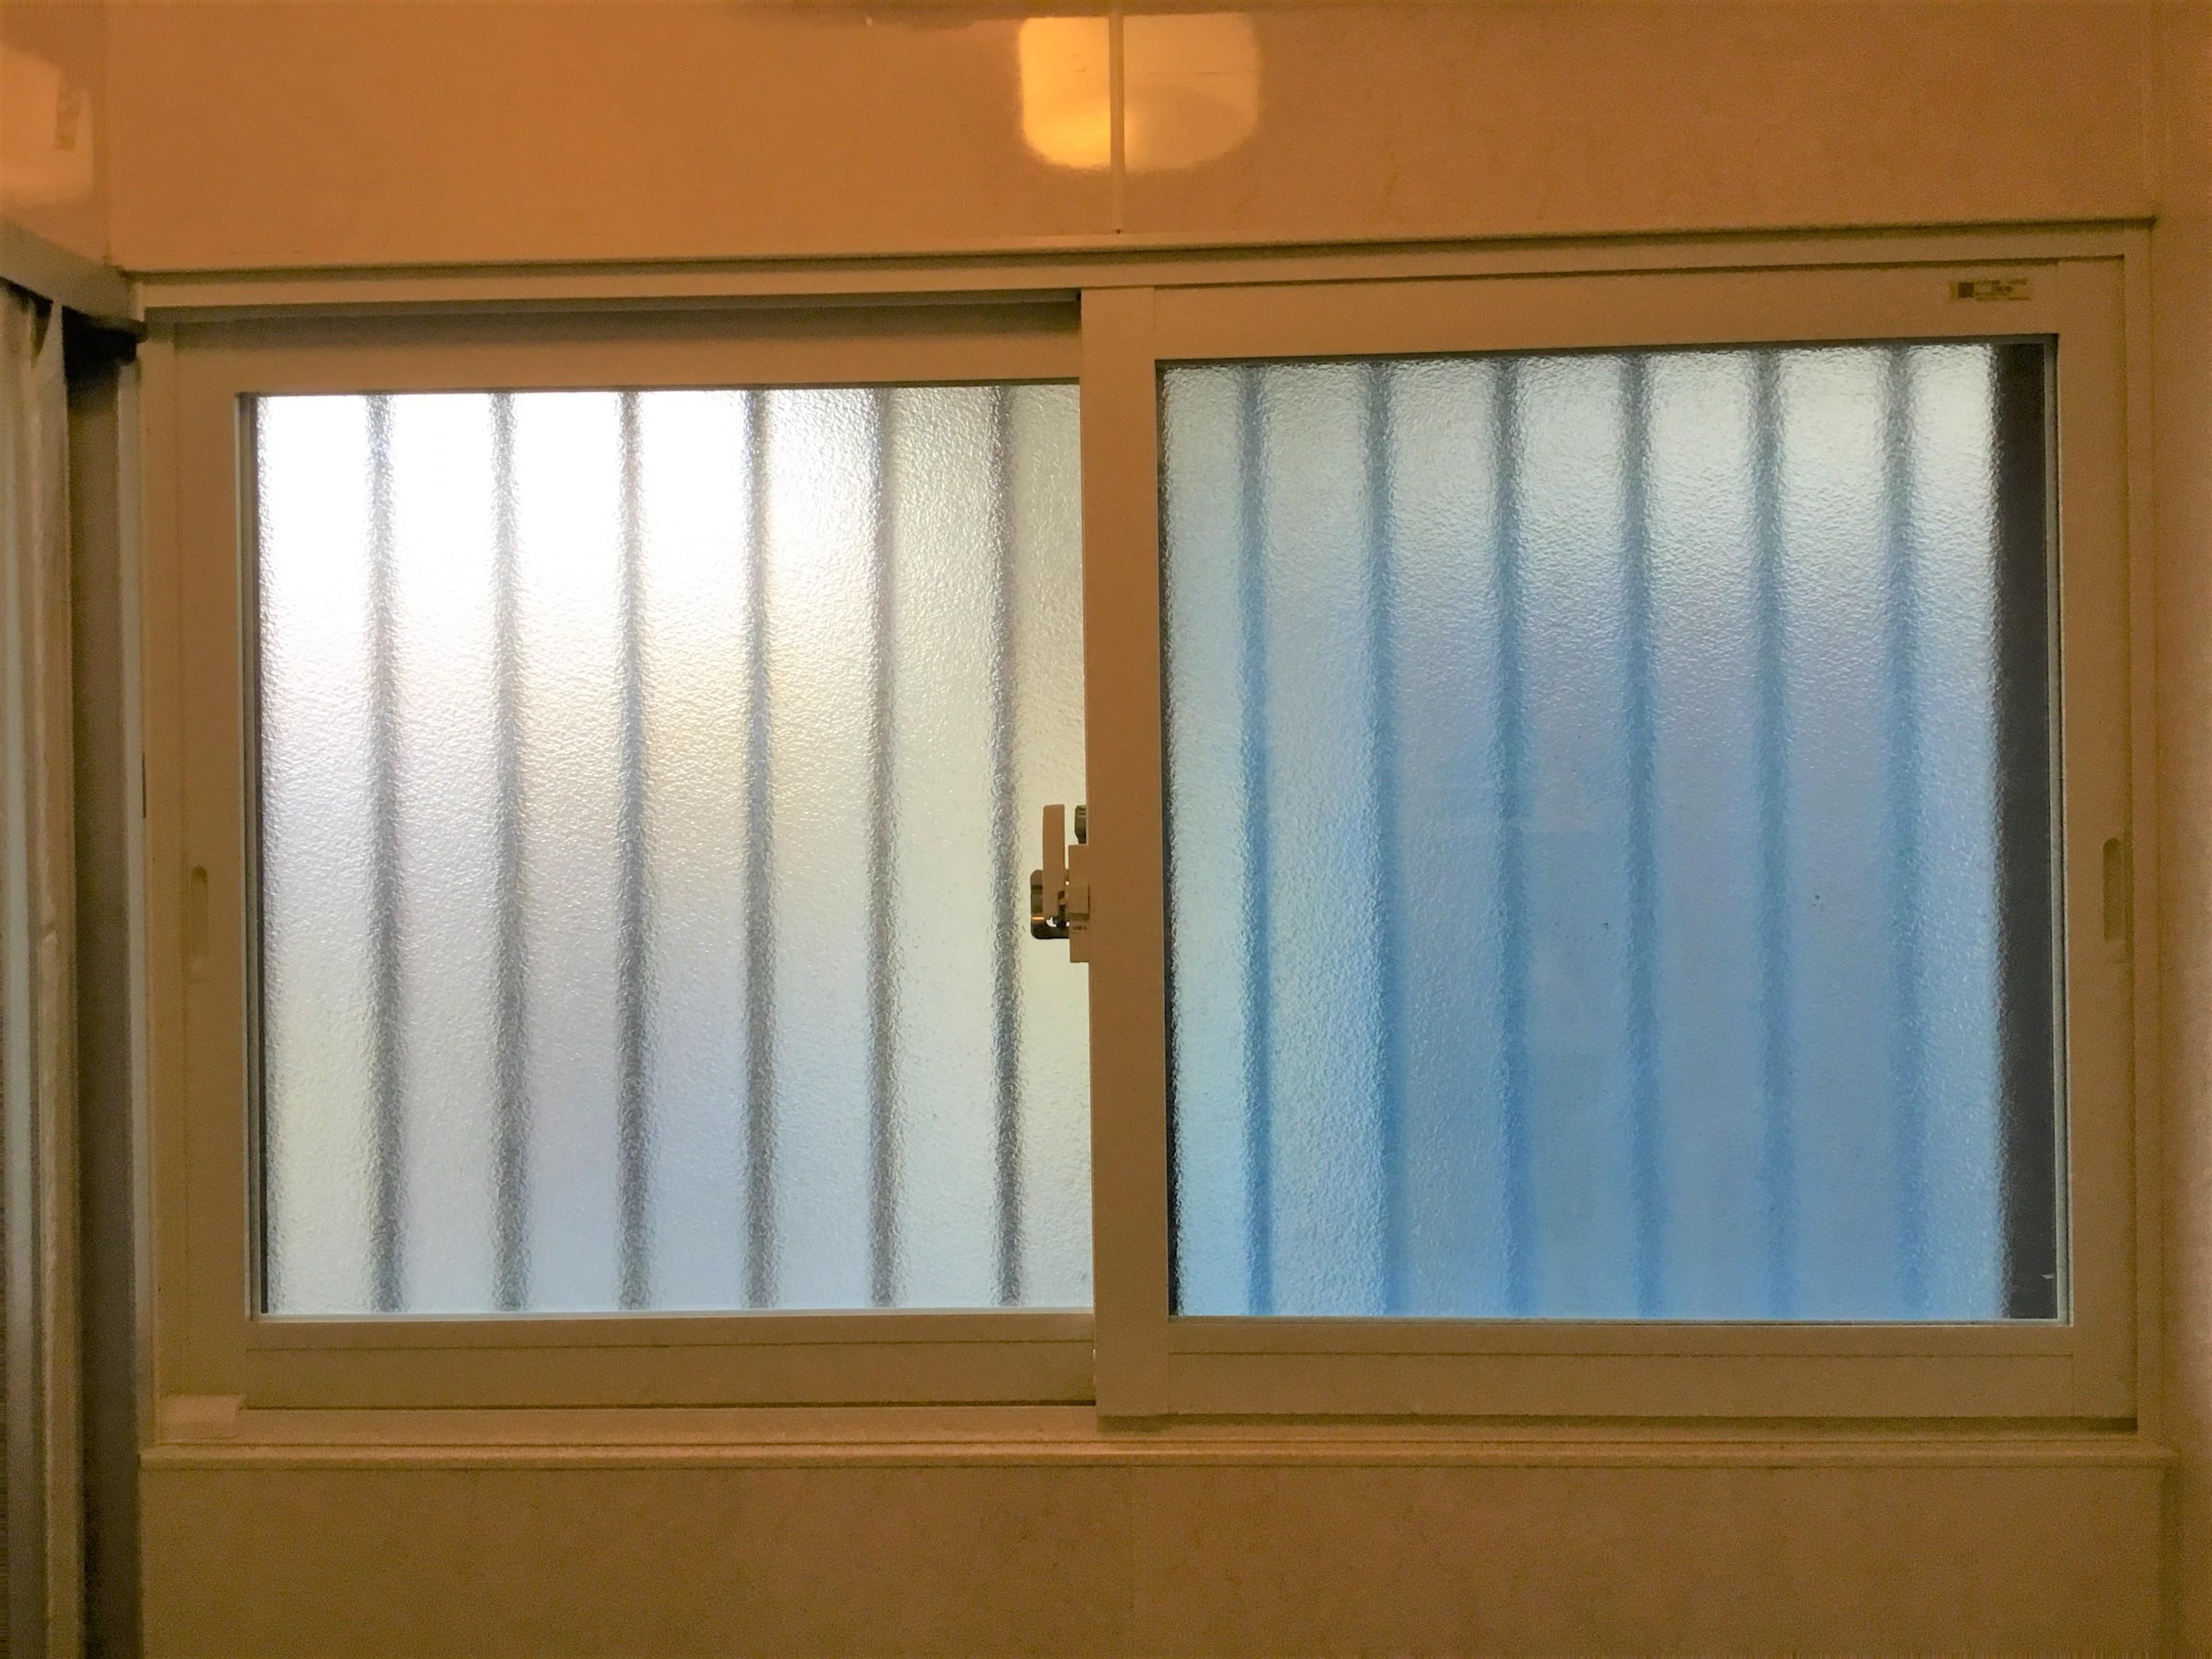 福岡トーヨー 大牟田店の内窓 インプラスの施工事例写真